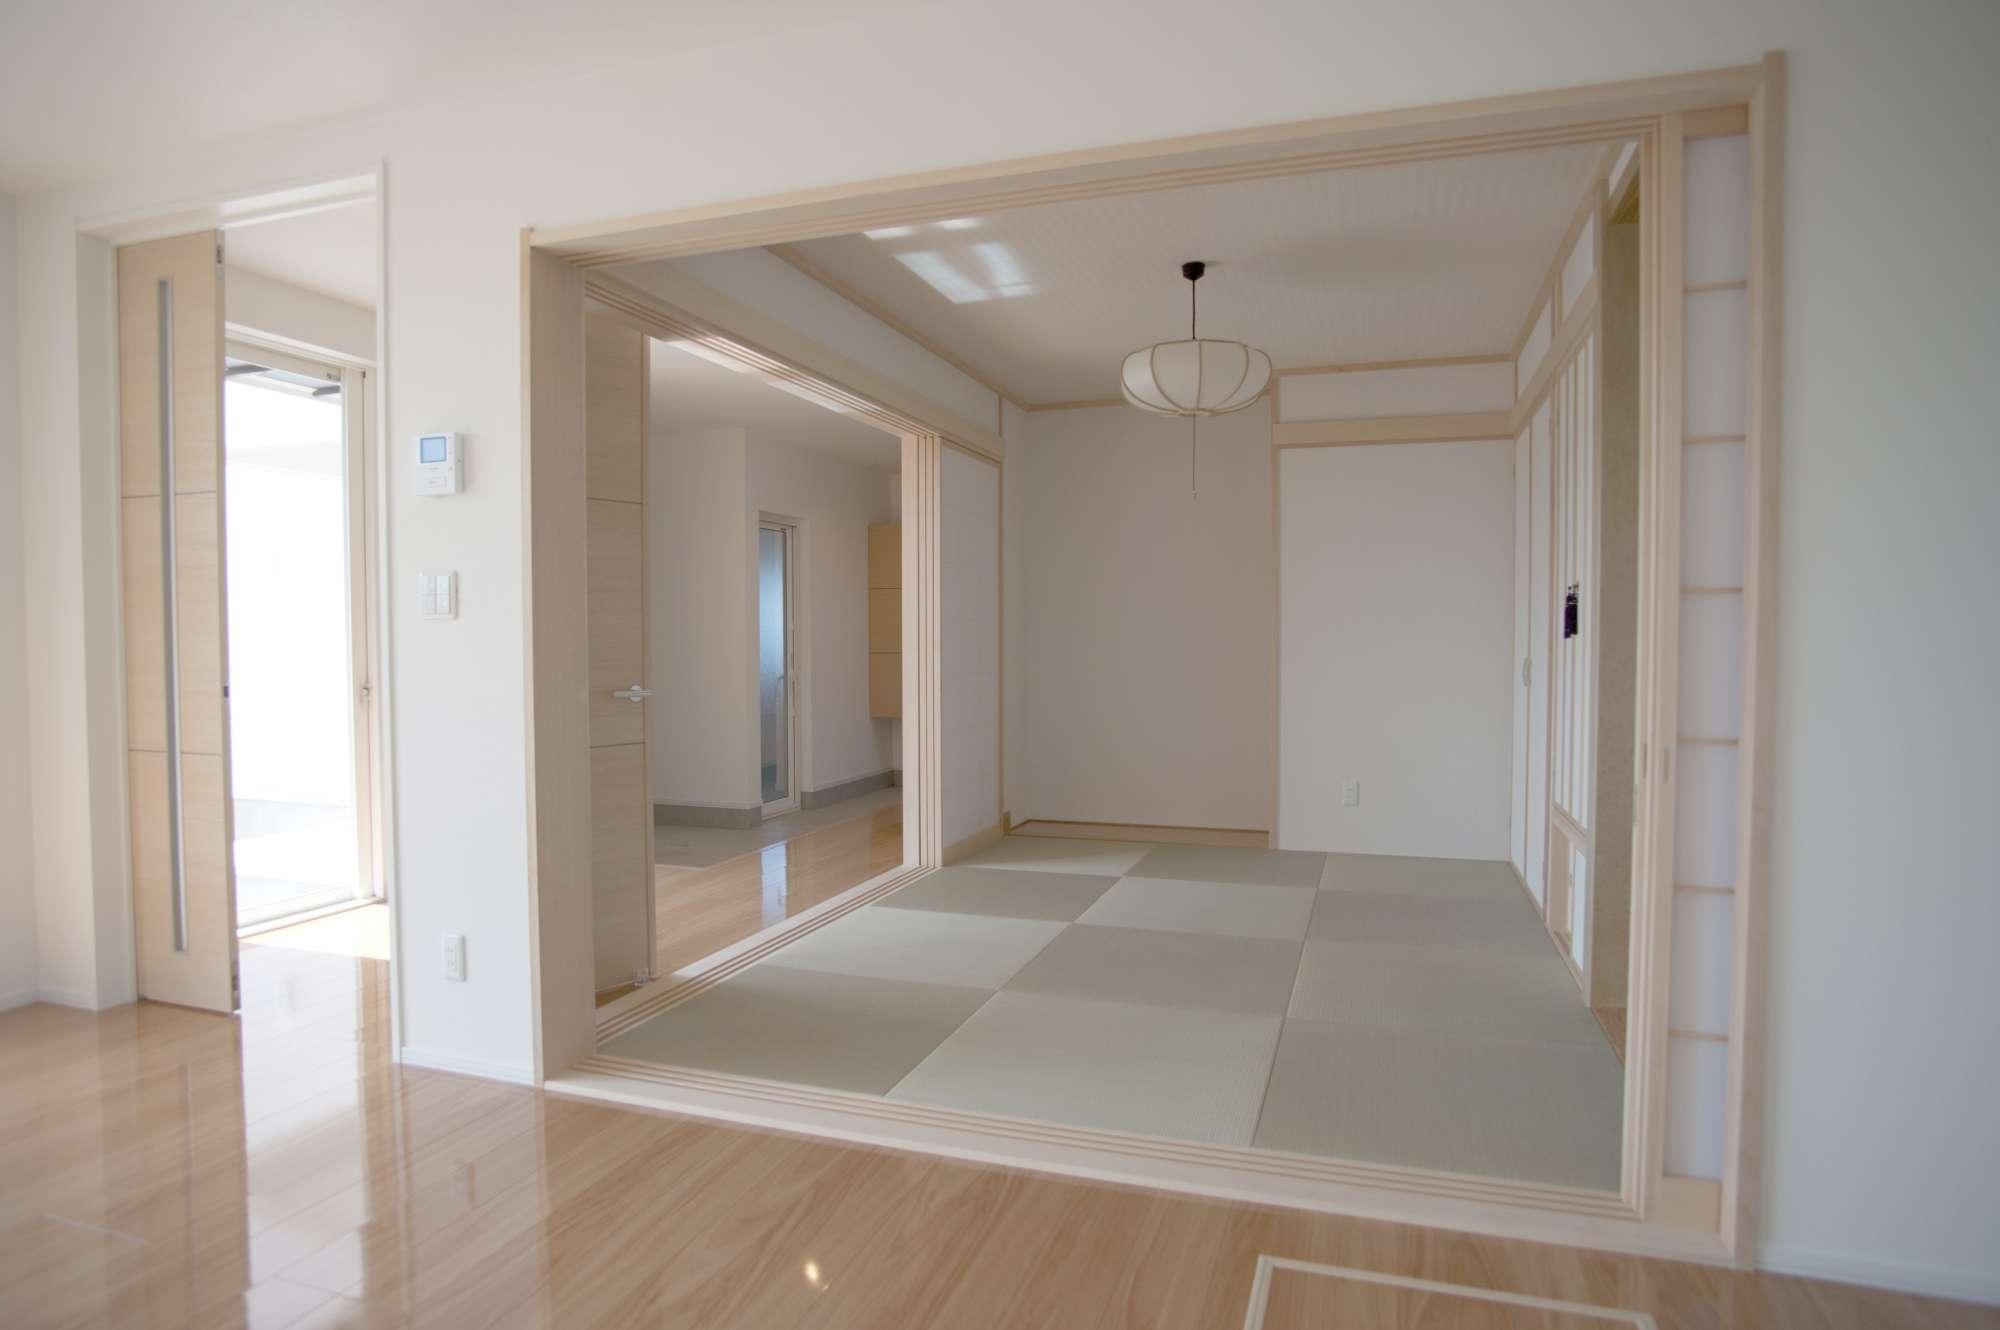 和室は情緒豊かに設けて、客間としても活躍してそう -  -  -